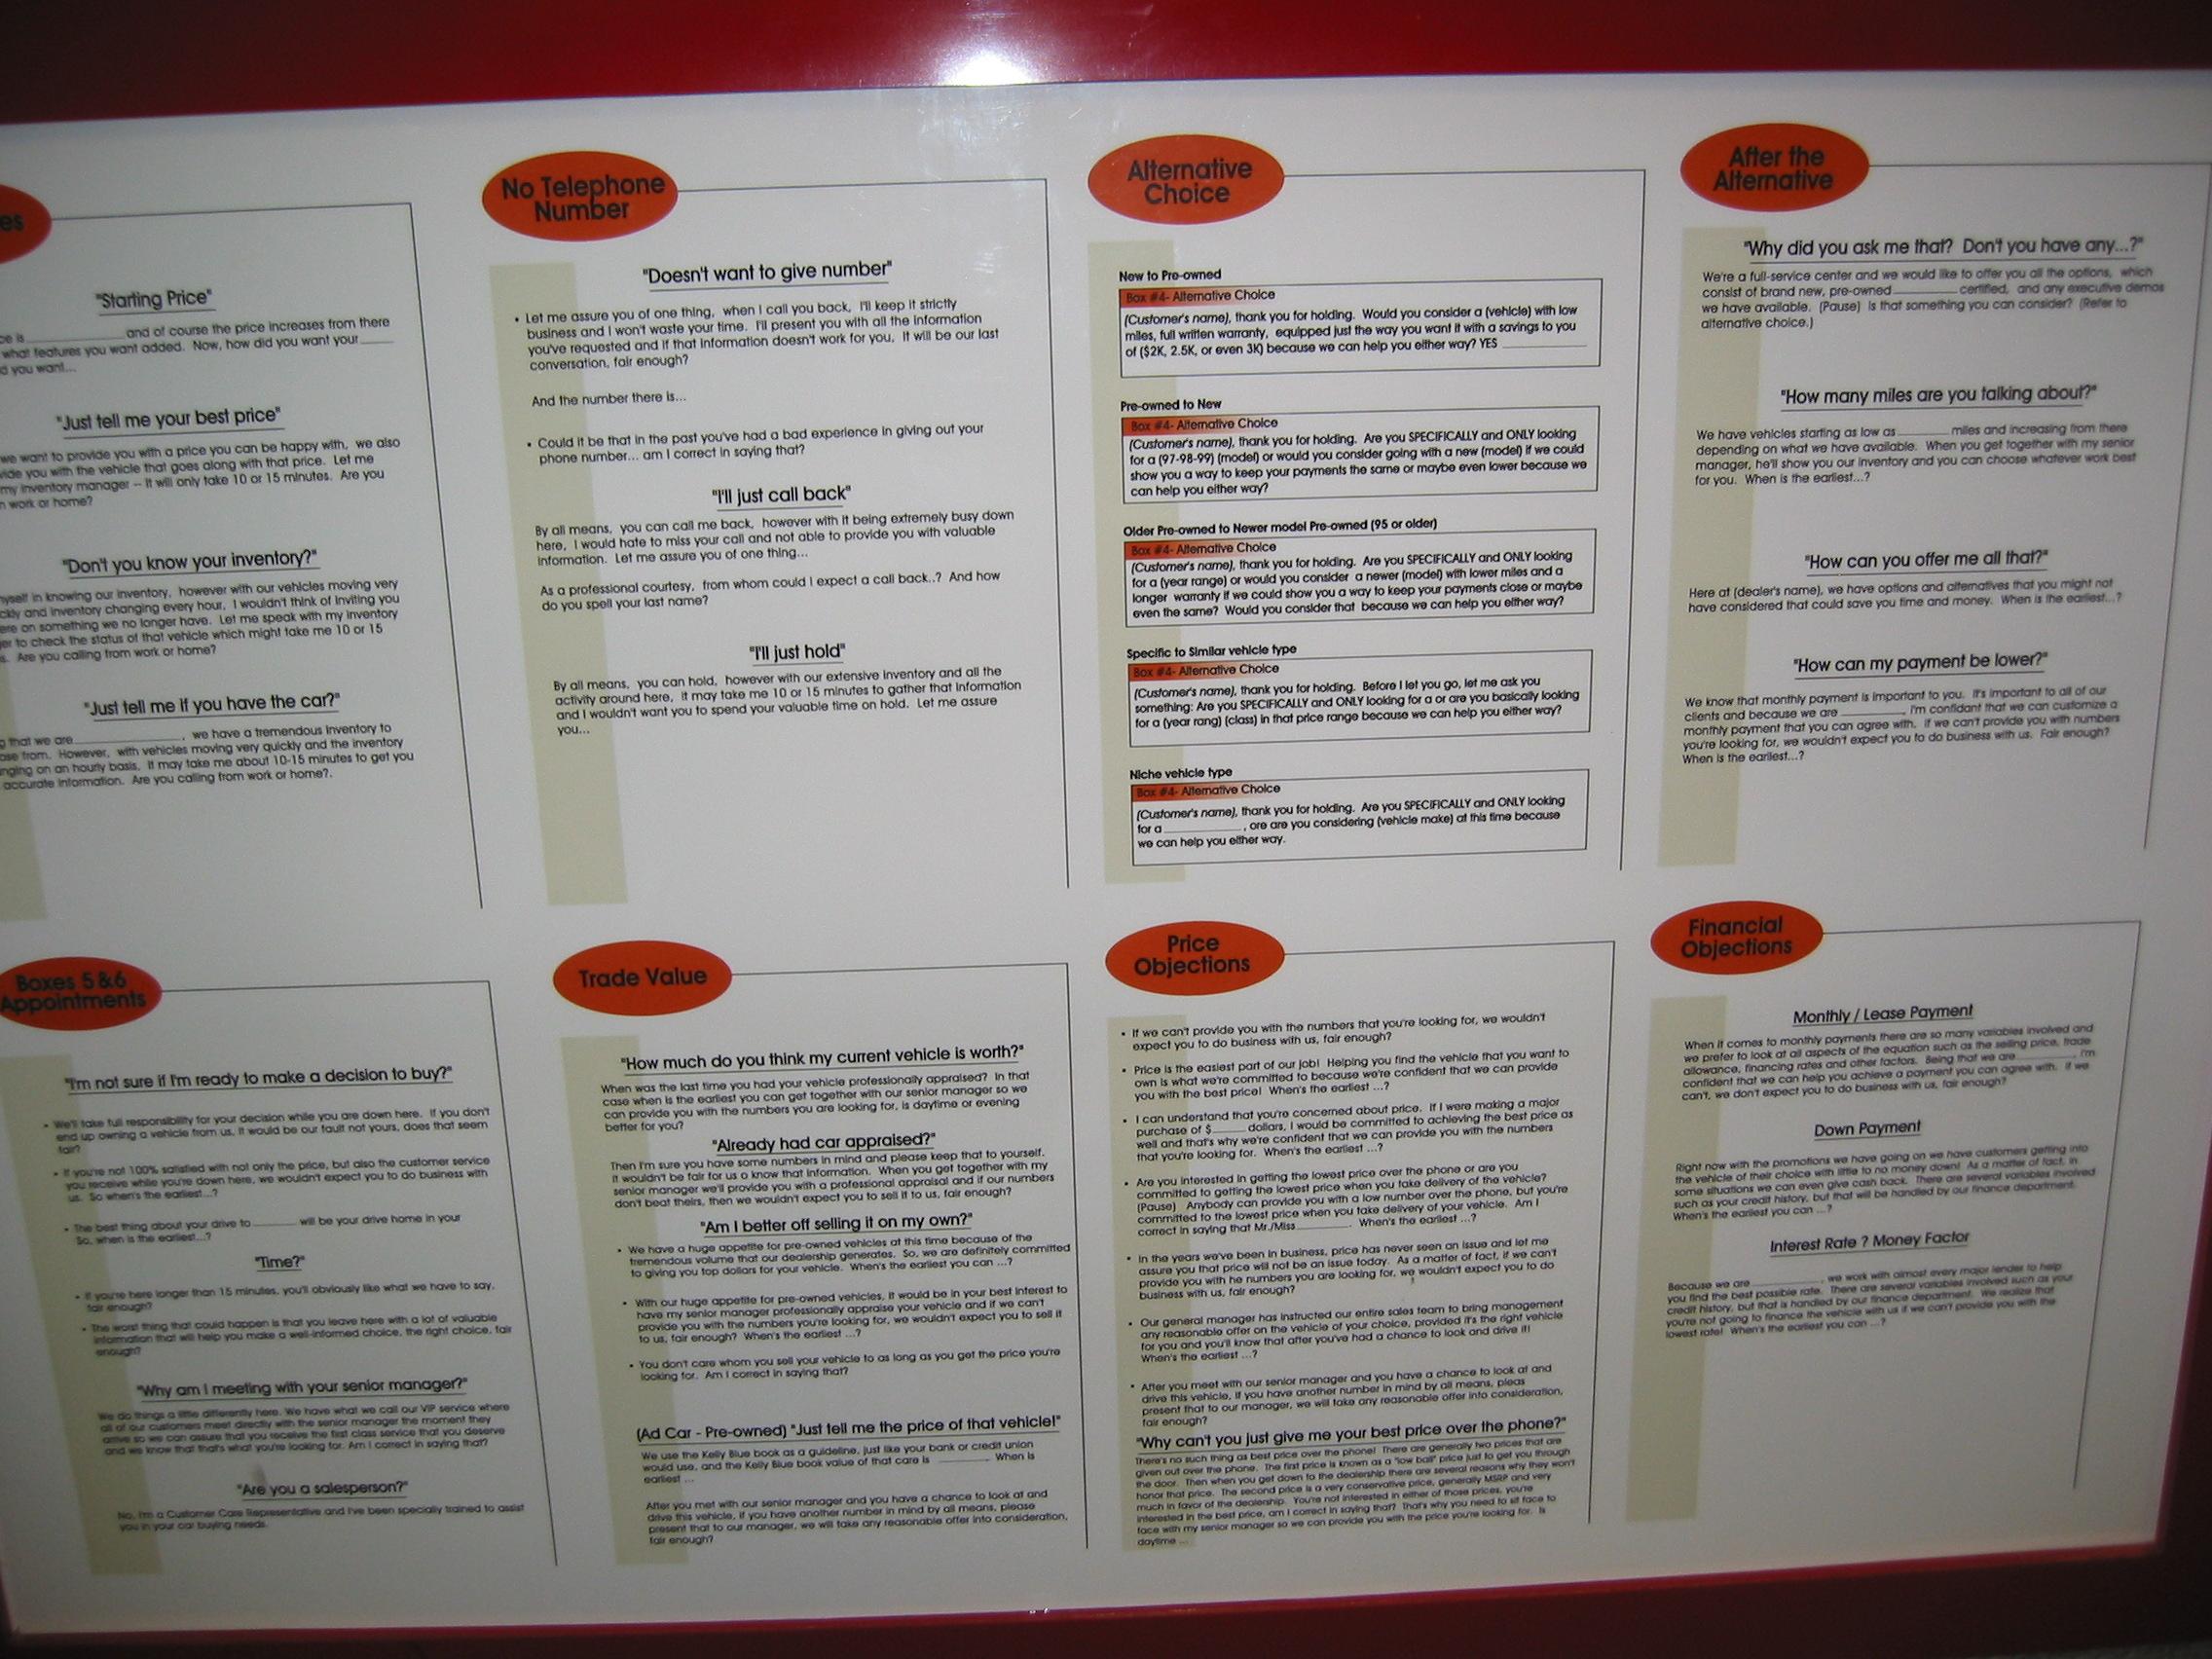 Penske Toyota BDC Q&A Call Script Posters